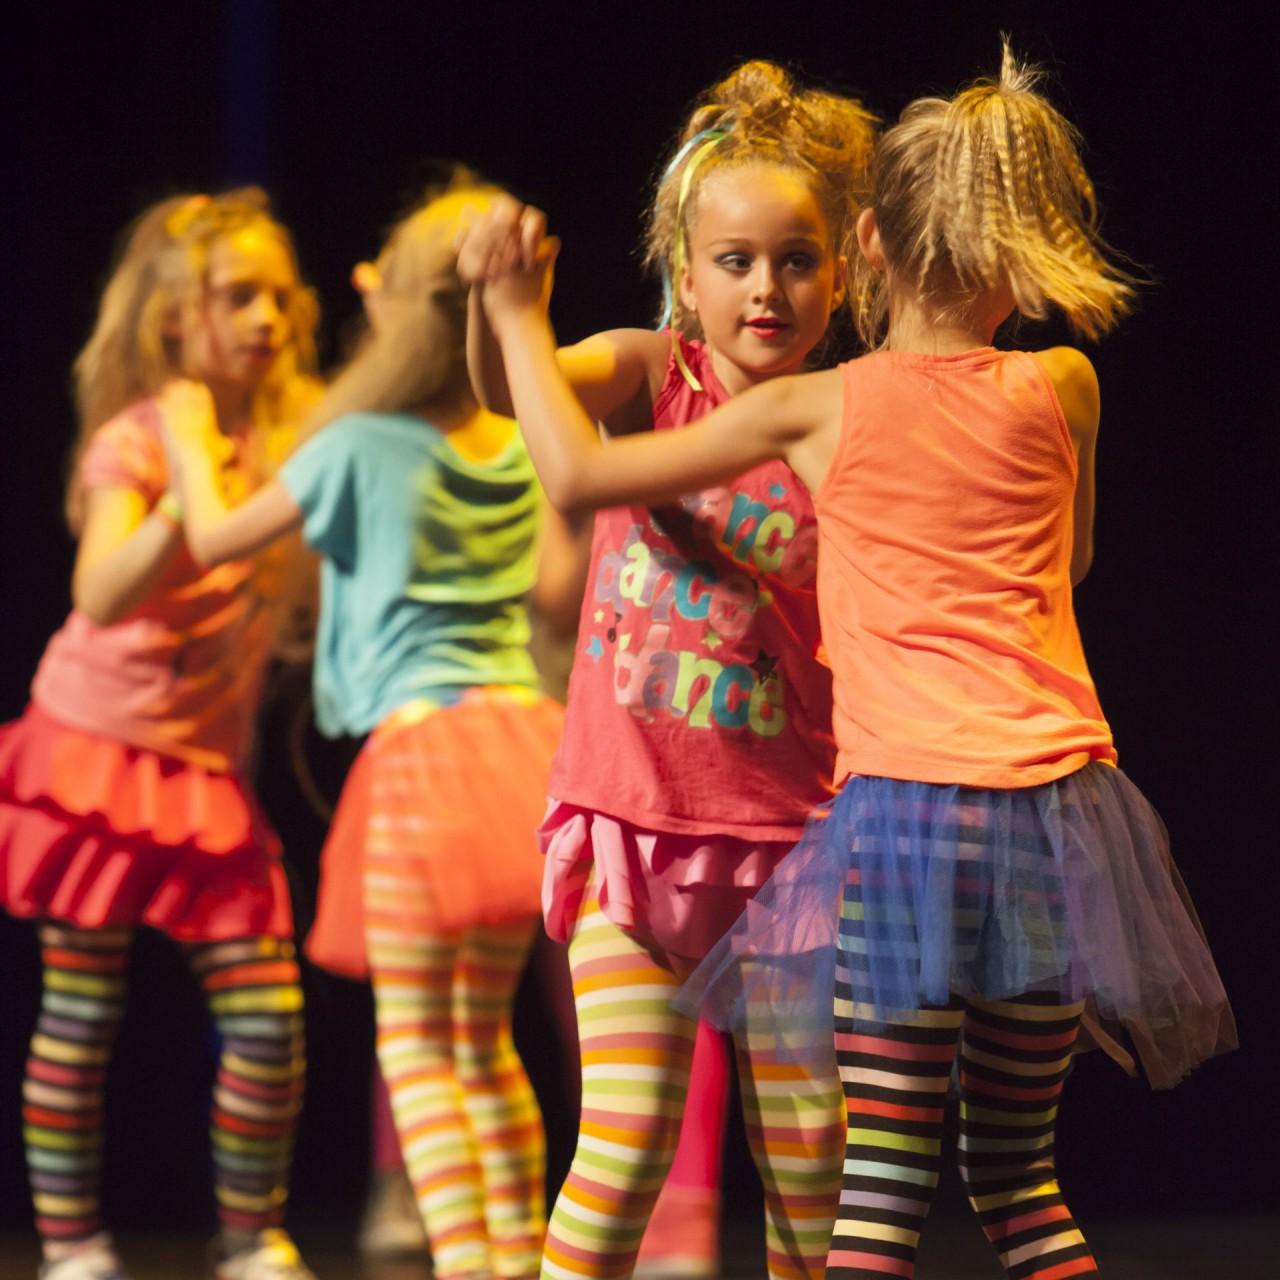 dansen ballet van den Ende (8 van 17)